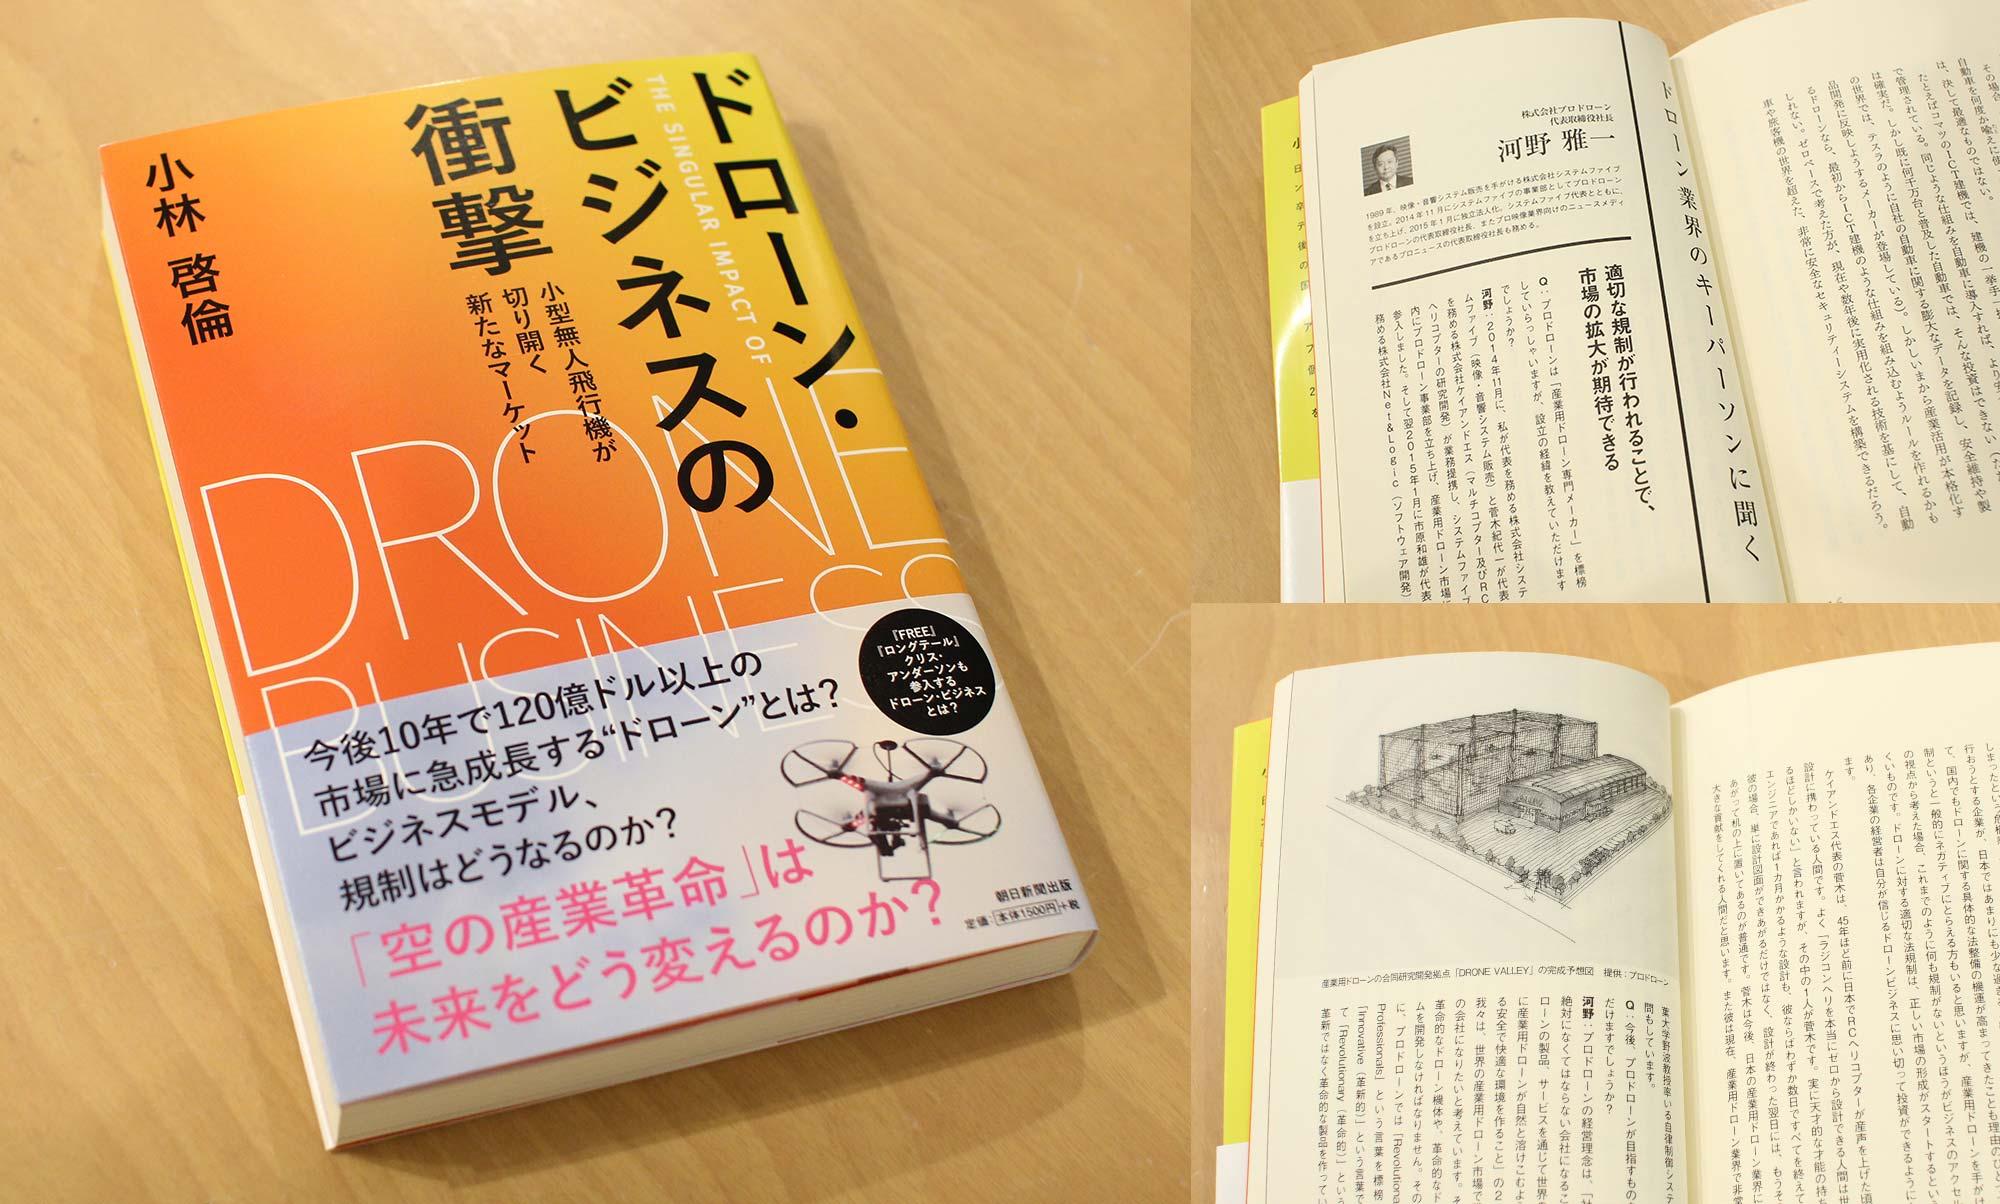 朝日新聞出版「ドローン・ビジネスの衝撃」にPRODRONEが掲載されました。